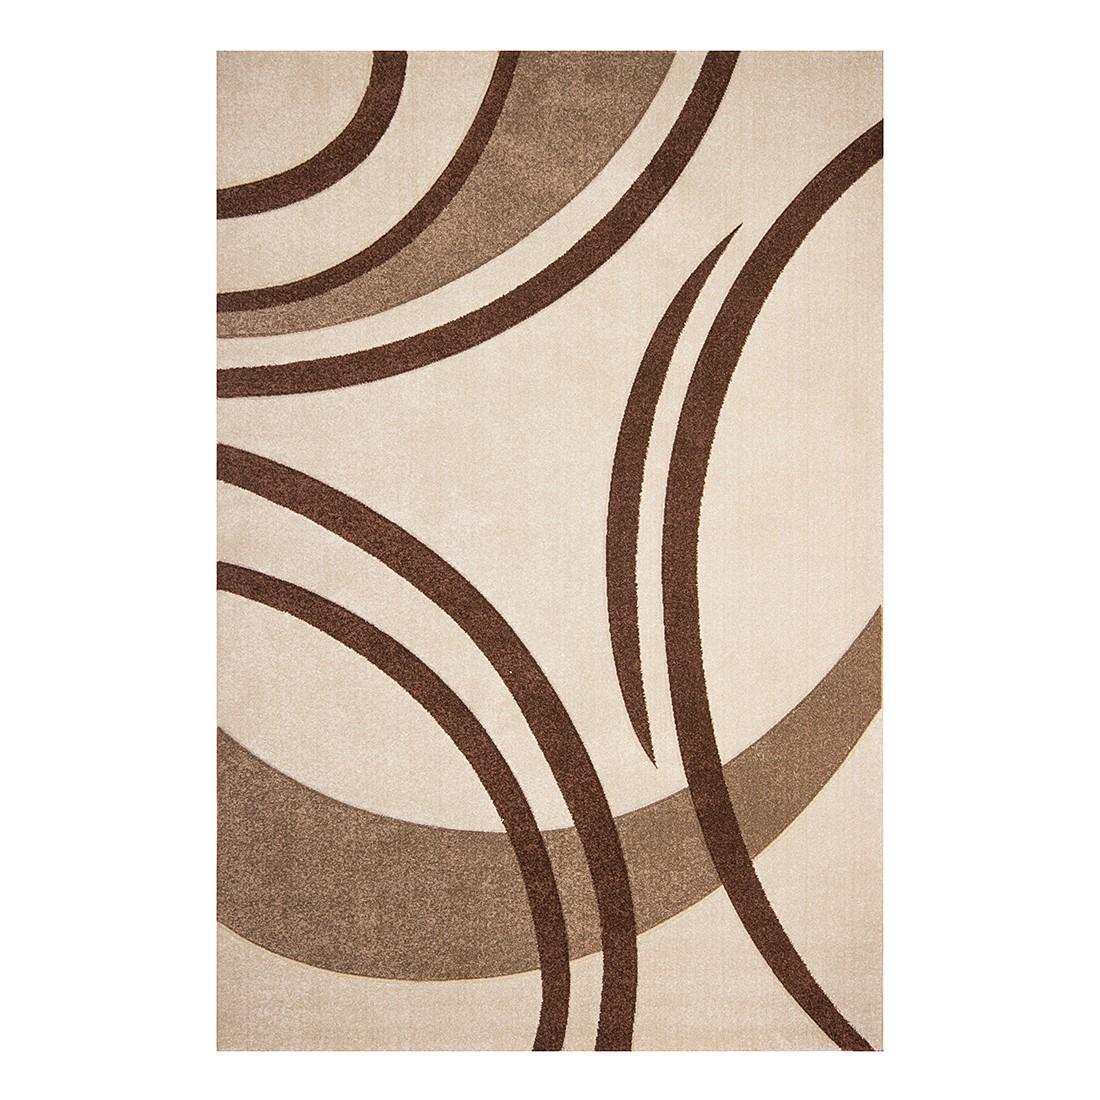 lochplatten 100 x 300 preisvergleich die besten angebote online kaufen. Black Bedroom Furniture Sets. Home Design Ideas